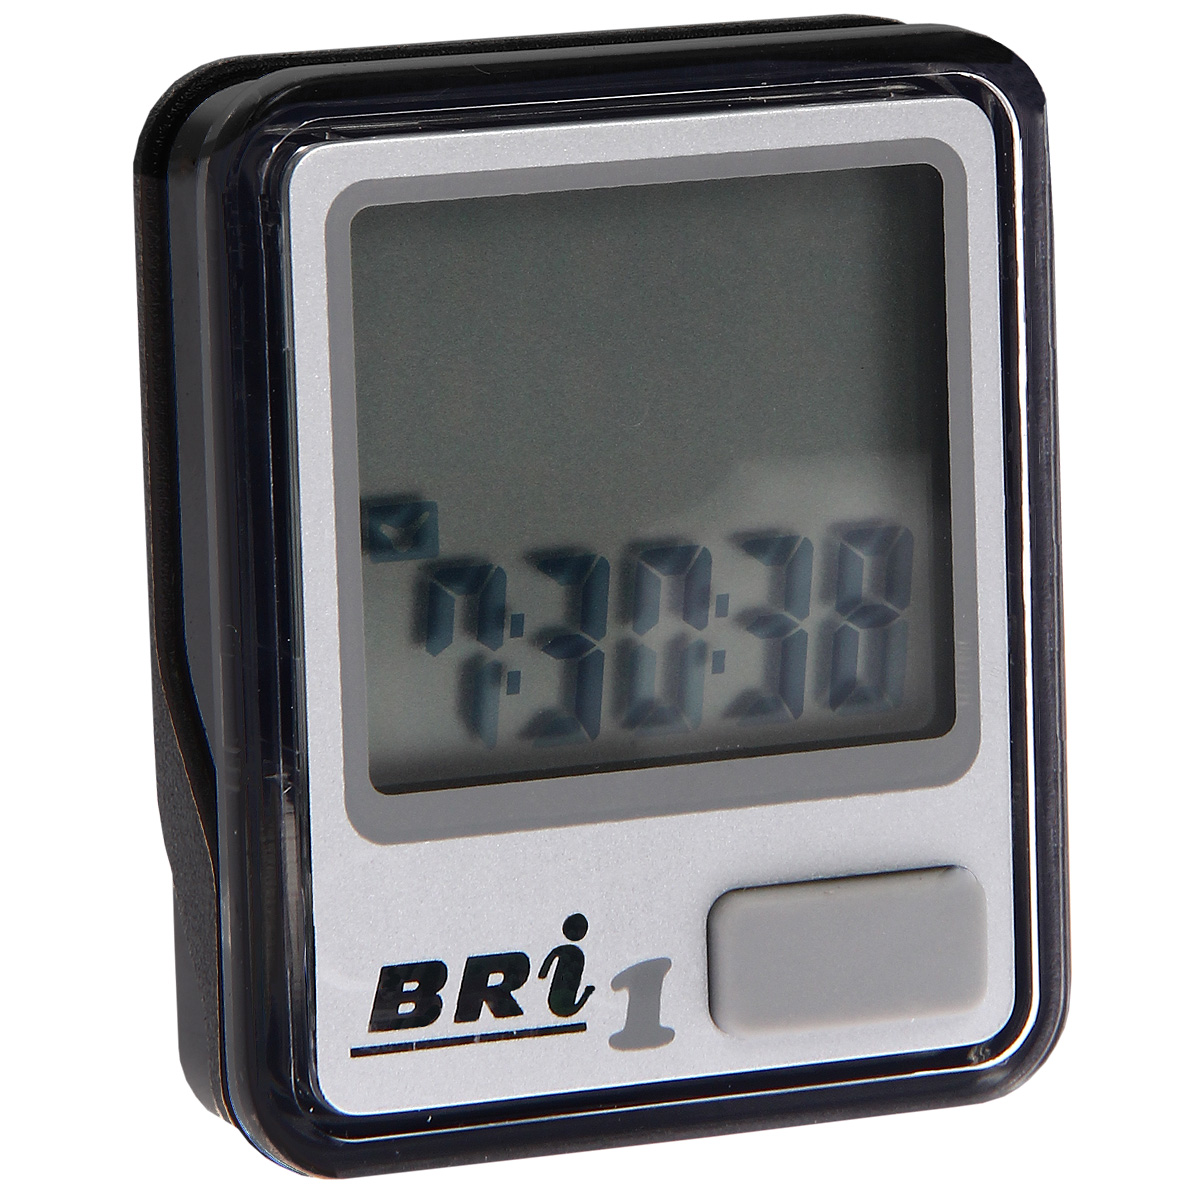 Велокомпьютер BRi-1, 5 функций, цвет: серебряный30238Велокомпьютер BRi-1 - это удобный и простой в использовании электронный прибор, предоставляющий велосипедисту всю необходимую информацию о поездке. Велокомпьютер состоит из двух частей соединенных проводом - дисплея, внешне похожего на электронные часы и датчика скорости. Дисплей крепится на руле с возможностью мгновенно отсоединить его, когда нет желания оставлять на велосипеде без присмотра или под дождем. Магнитный датчик скорости (геркон) крепится рядом с колесом. Принцип работы велокомпьютера довольно прост - программа за минуту настраивается на размер колеса велосипеда и начинает во время поездки считать за какое время колесо совершило полный оборот. Зная эти два параметра процессор может мгновенно высчитывать и выдавать на дисплей все требуемые параметры поездки. Характеристики:Материал: пластик, металл. Размер велокомпьютера: 3,7 см х 4,6 см х 1,5 см. Размер монитора: 2,7 см х 2,4 см. Размер упаковки: 7,2 см х 11,5 см х 6,3 см. Производитель: Китай.